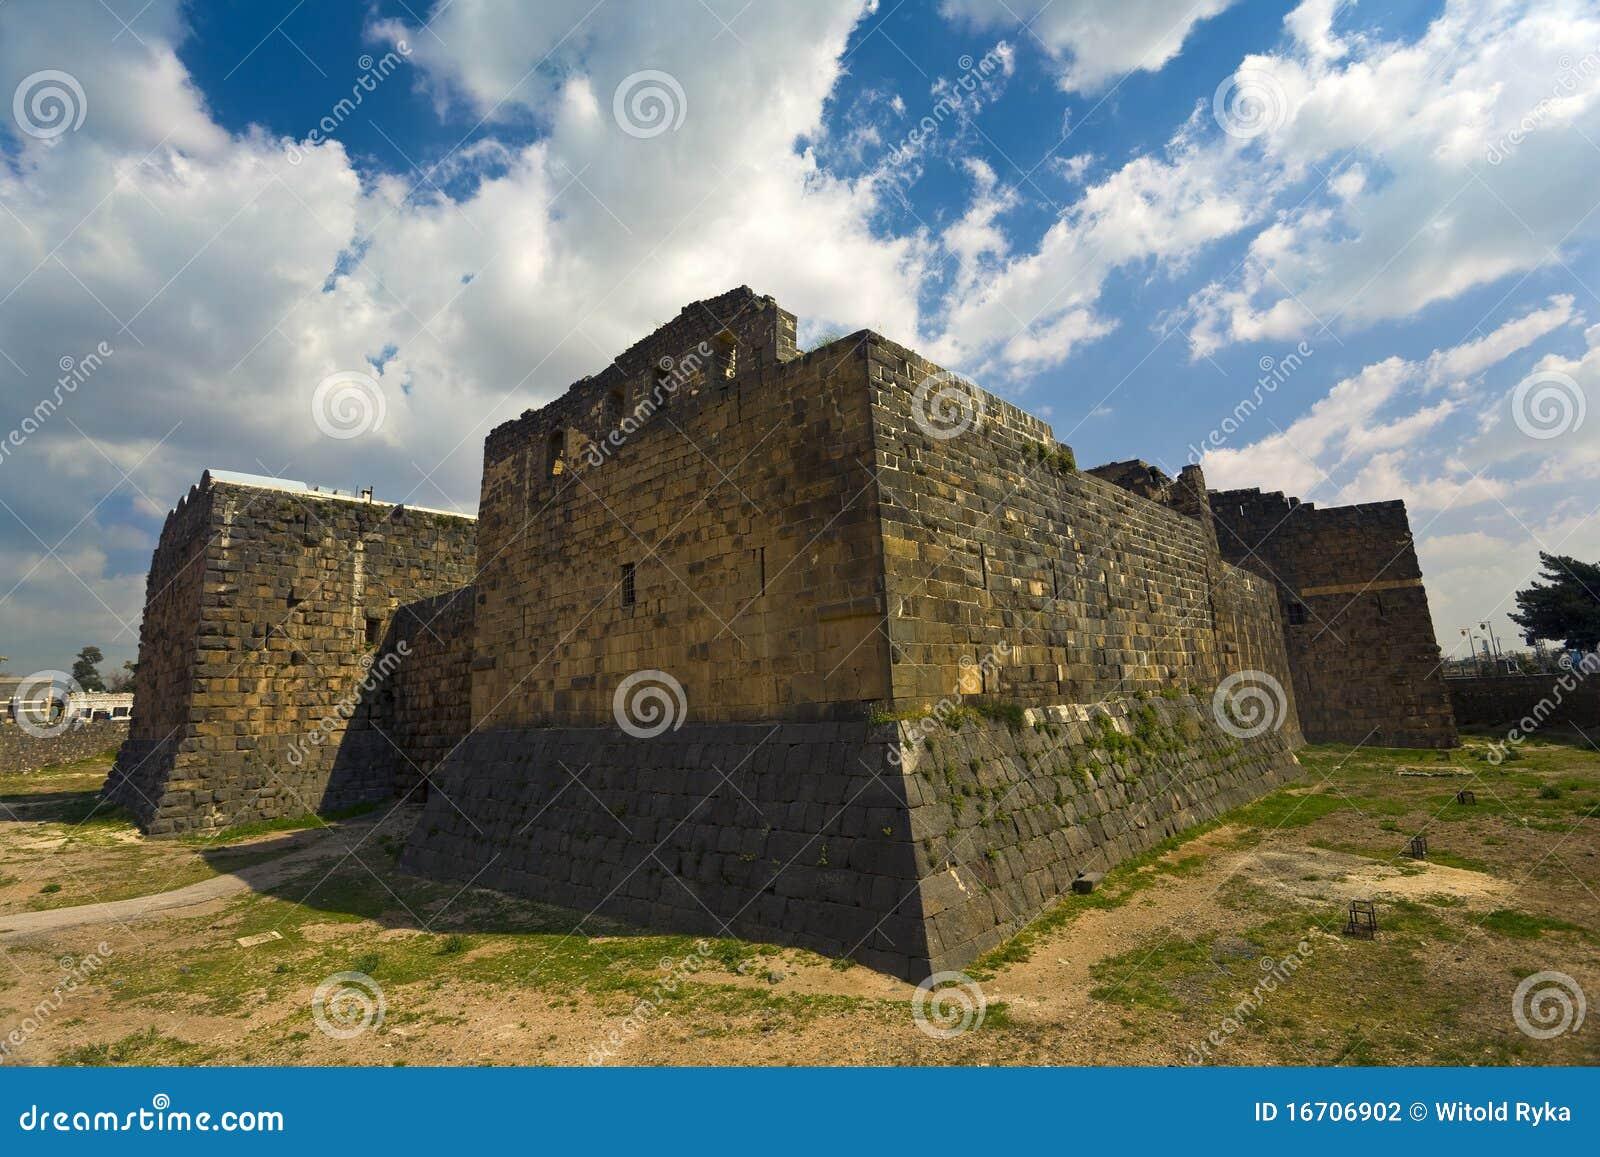 Die Zitadelle in Bosra